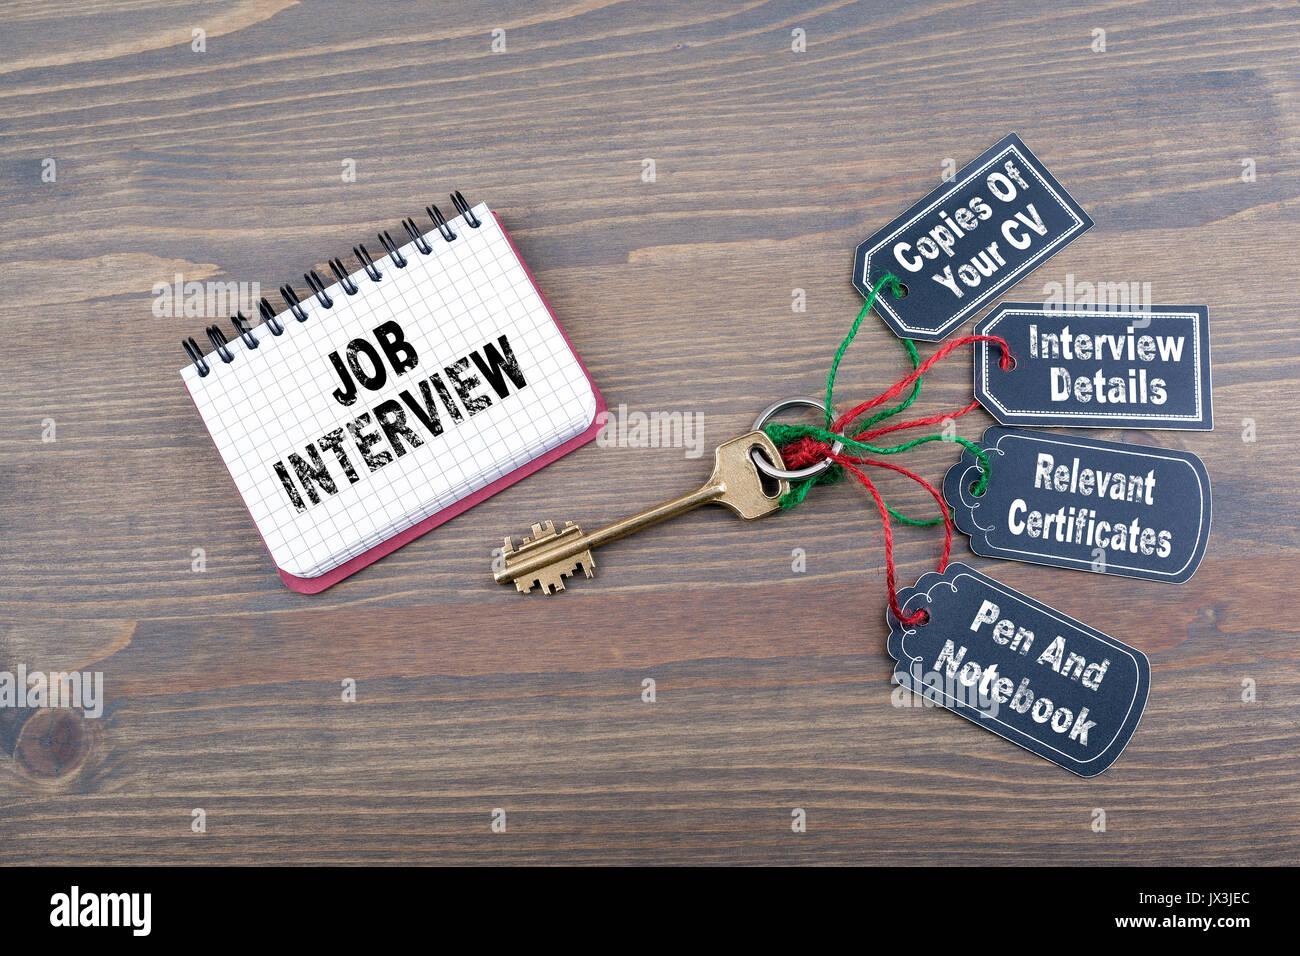 Préparation d'entrevue d'emploi concept. La clé du succès sur un bureau en bois 24. Photo Stock